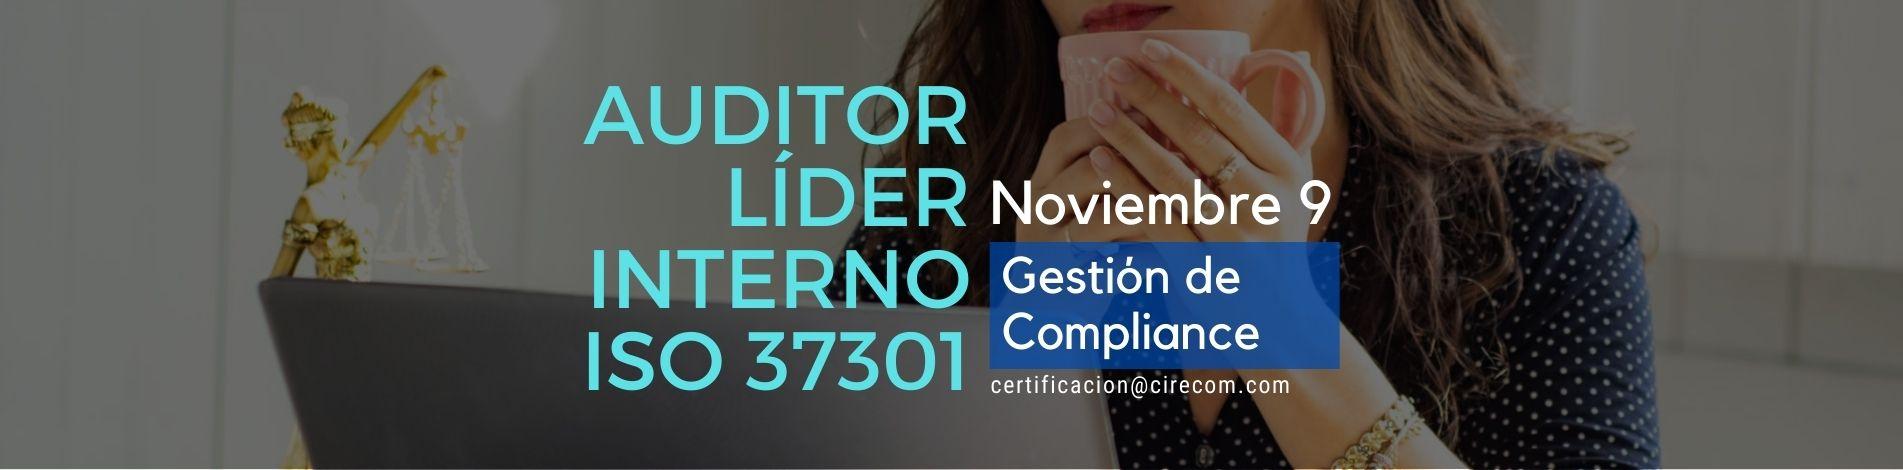 Auditor ISO 37301 Gestión de Compliance Noviembre 9